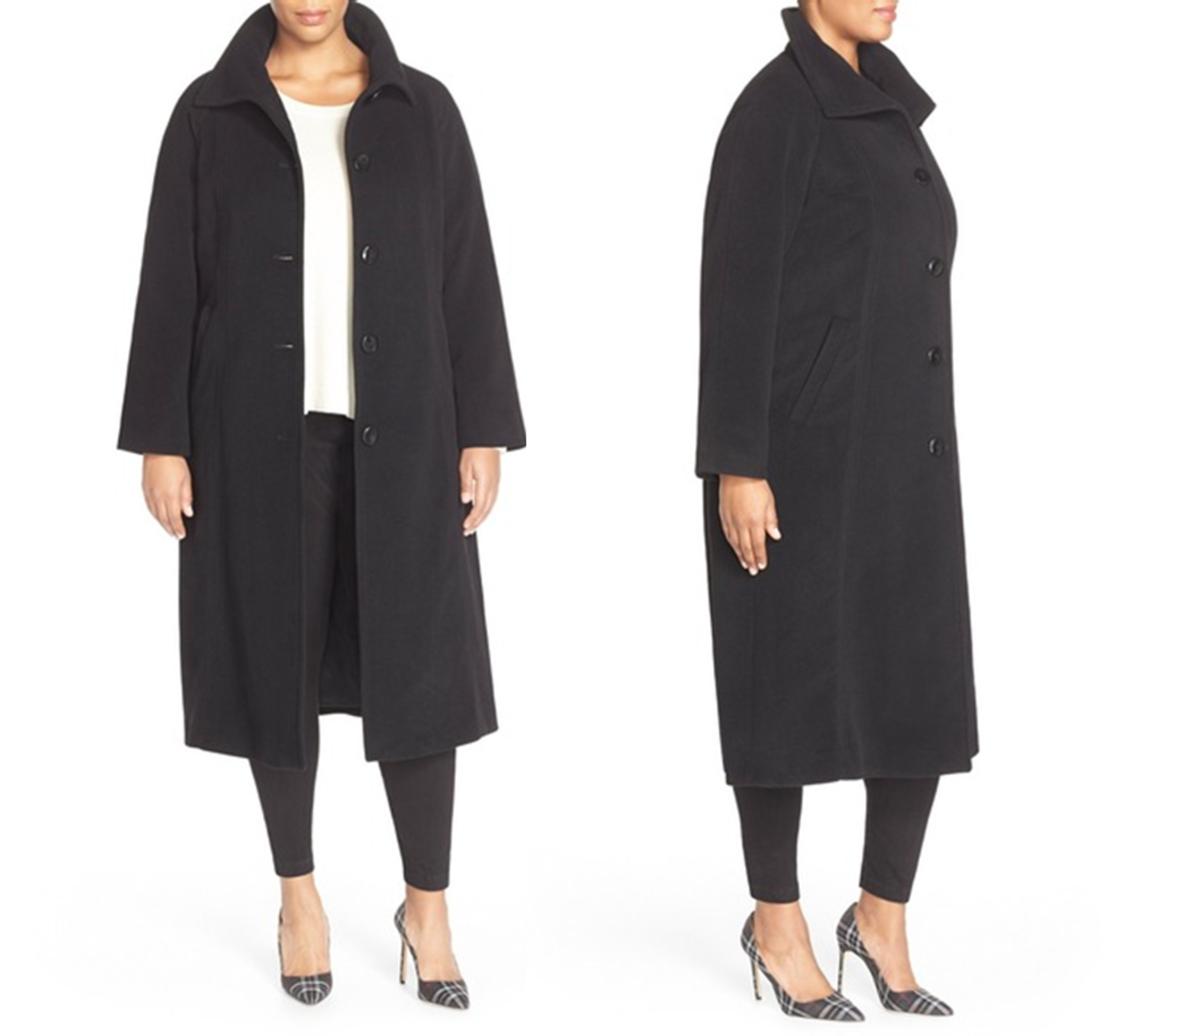 raglan-sleeve coat cut from a wool blend in a longer, A-line silhouette